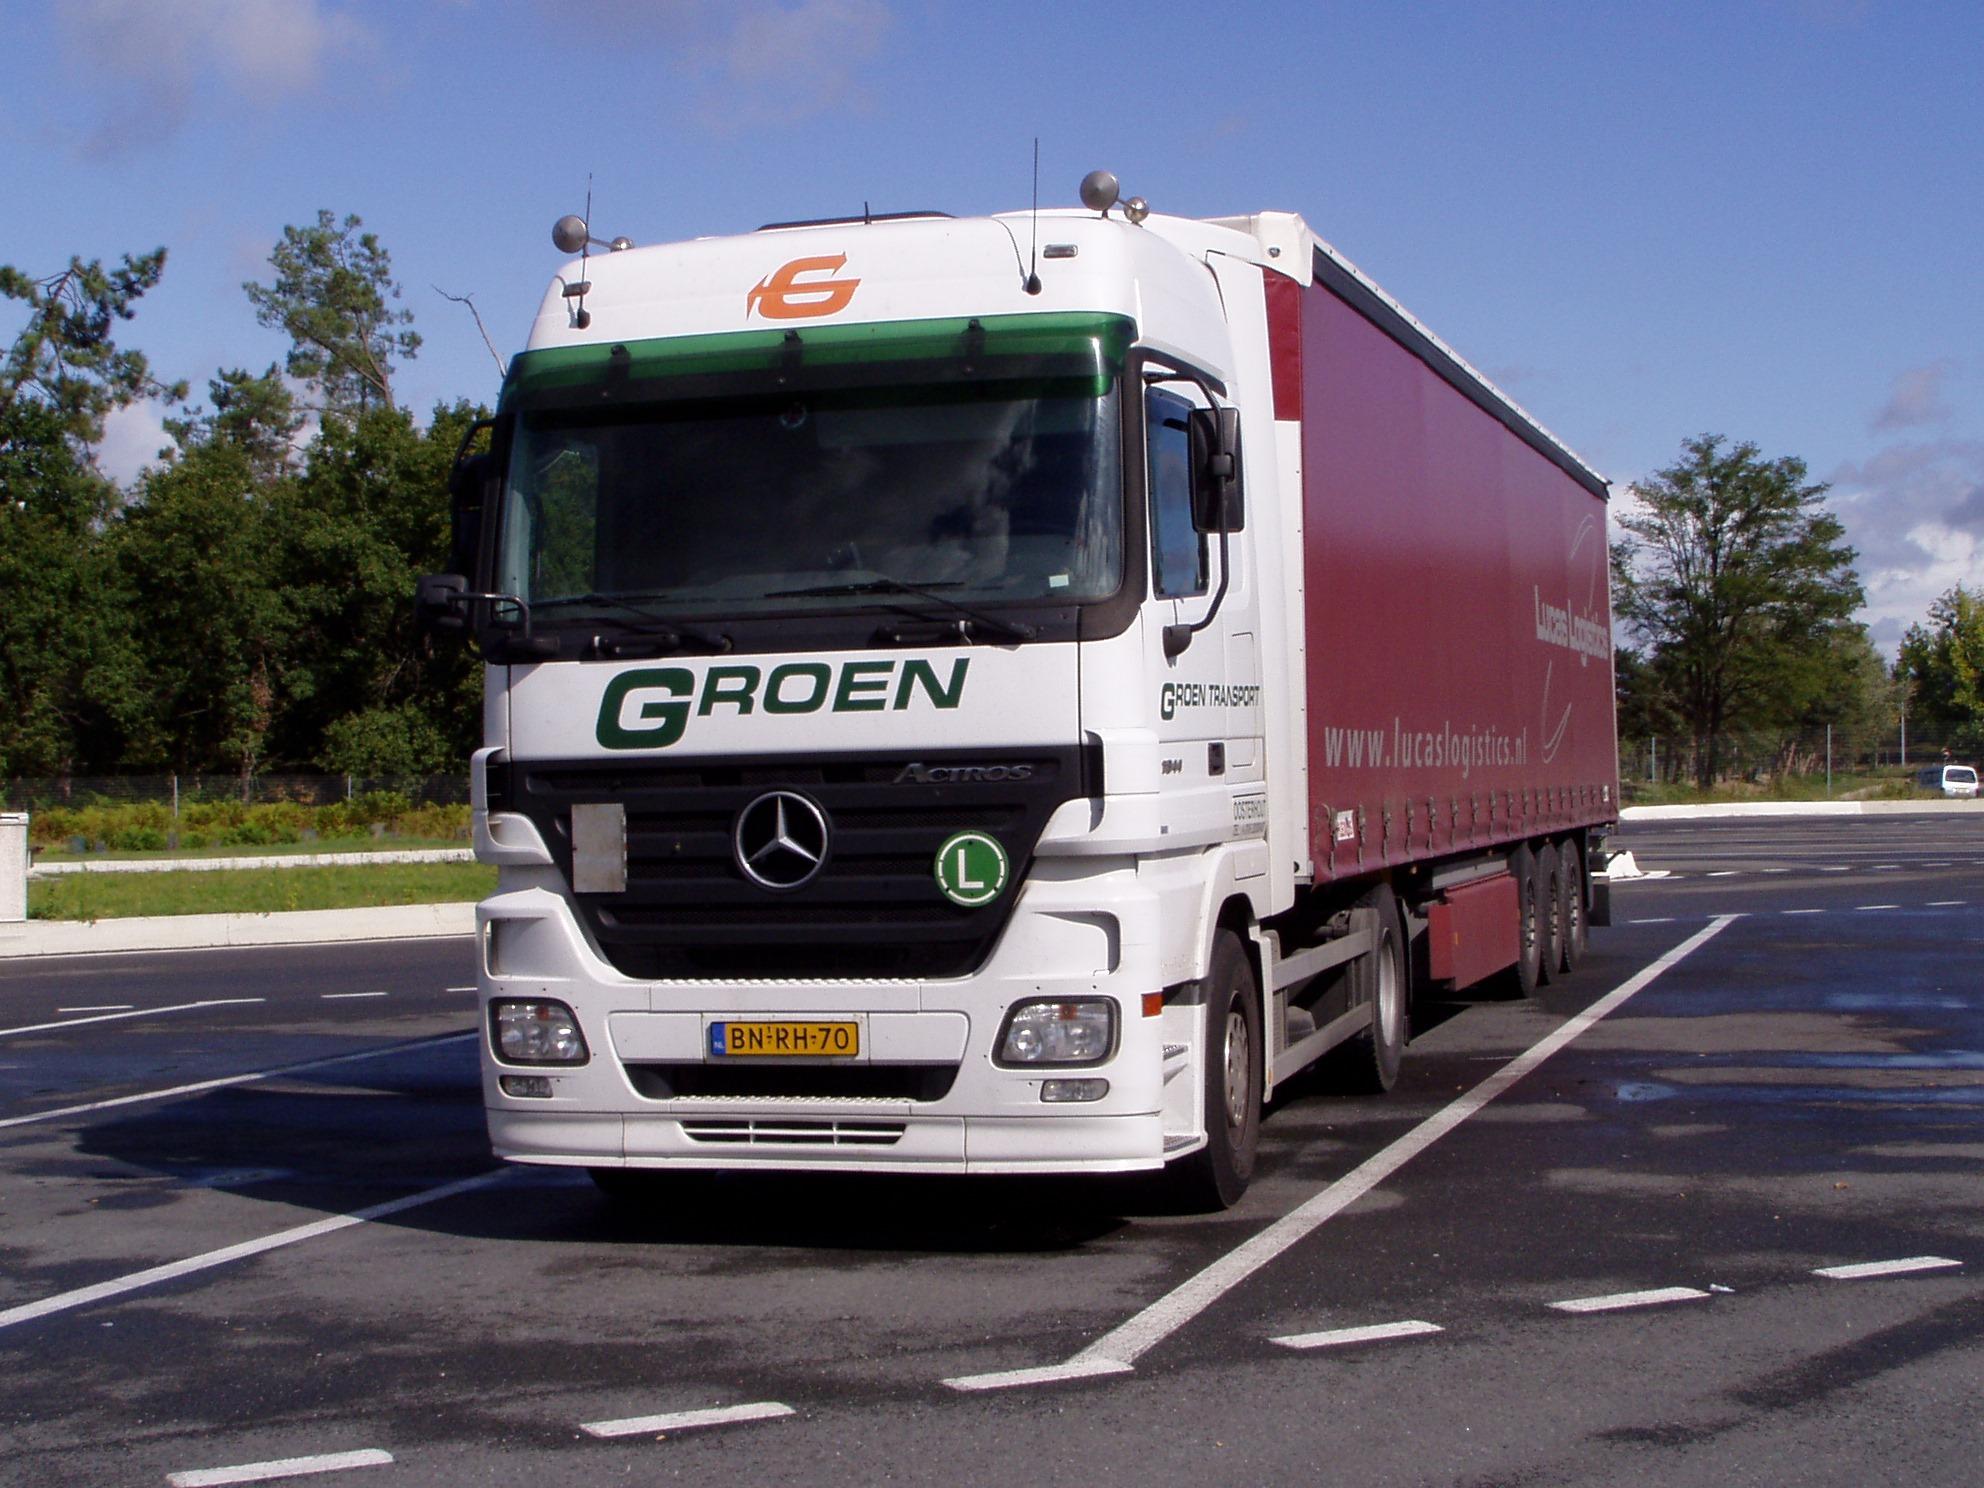 Groen-transport-heeft-de-wagen-verhuurd-aan-Lucas-in-Raamdonksveer-met-chauffeur-Ger-van-Vlimmeren--2007--(5)